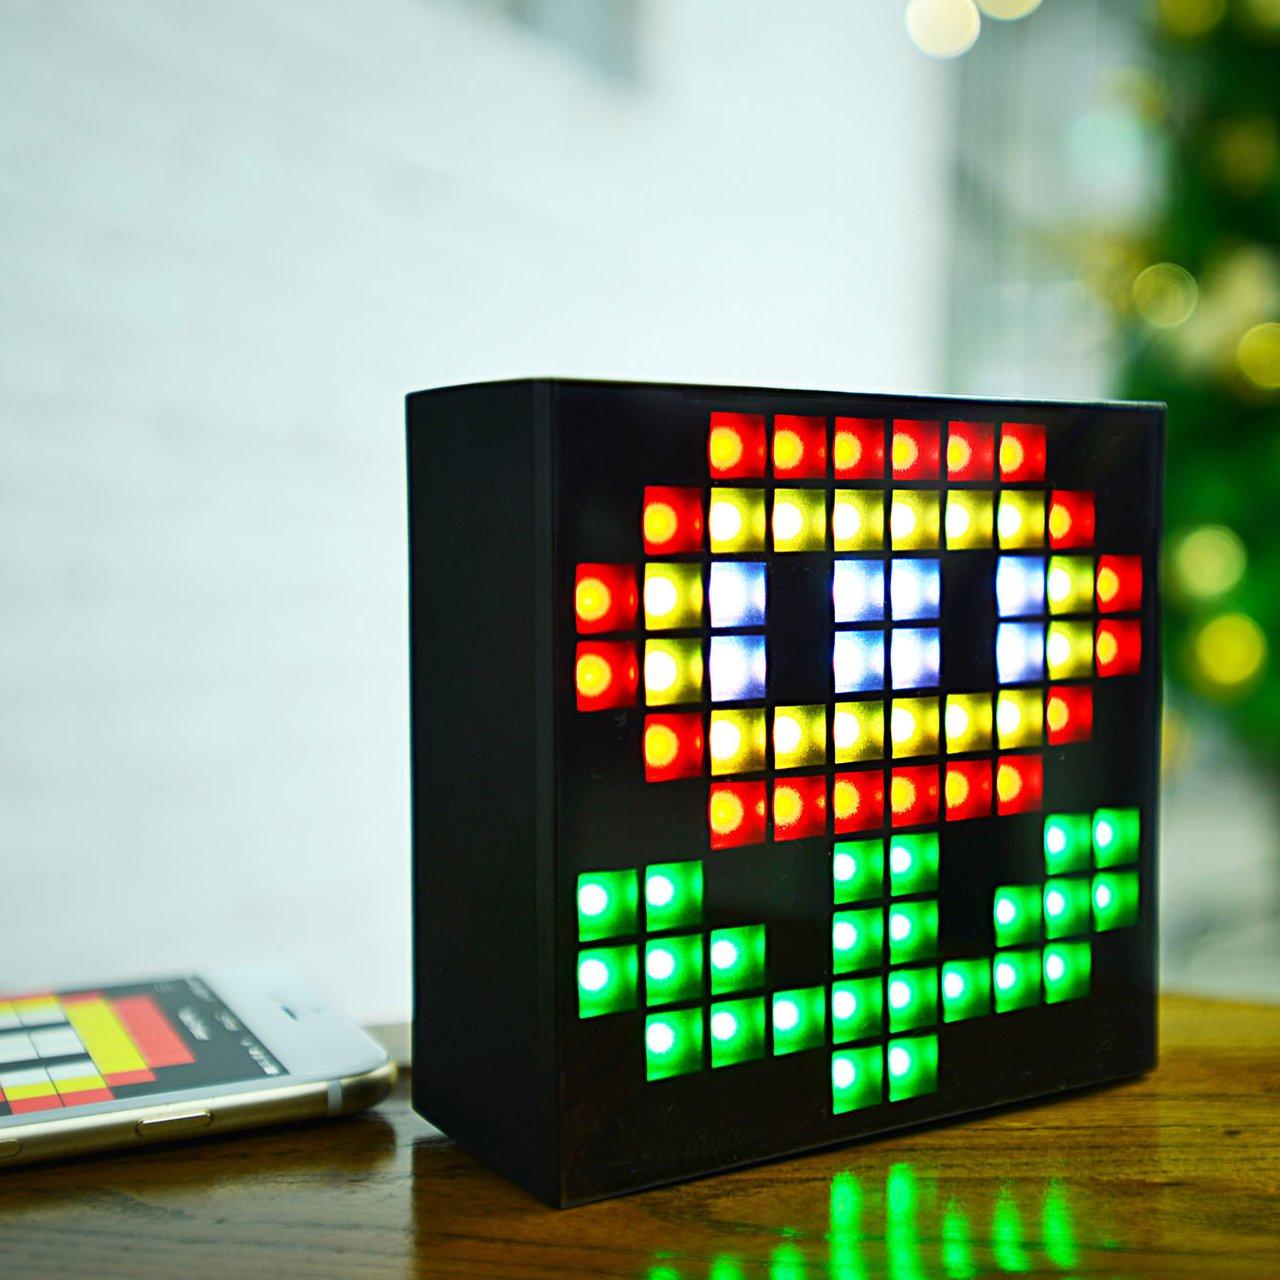 AuraBox Smart Music Gadget by Divoom